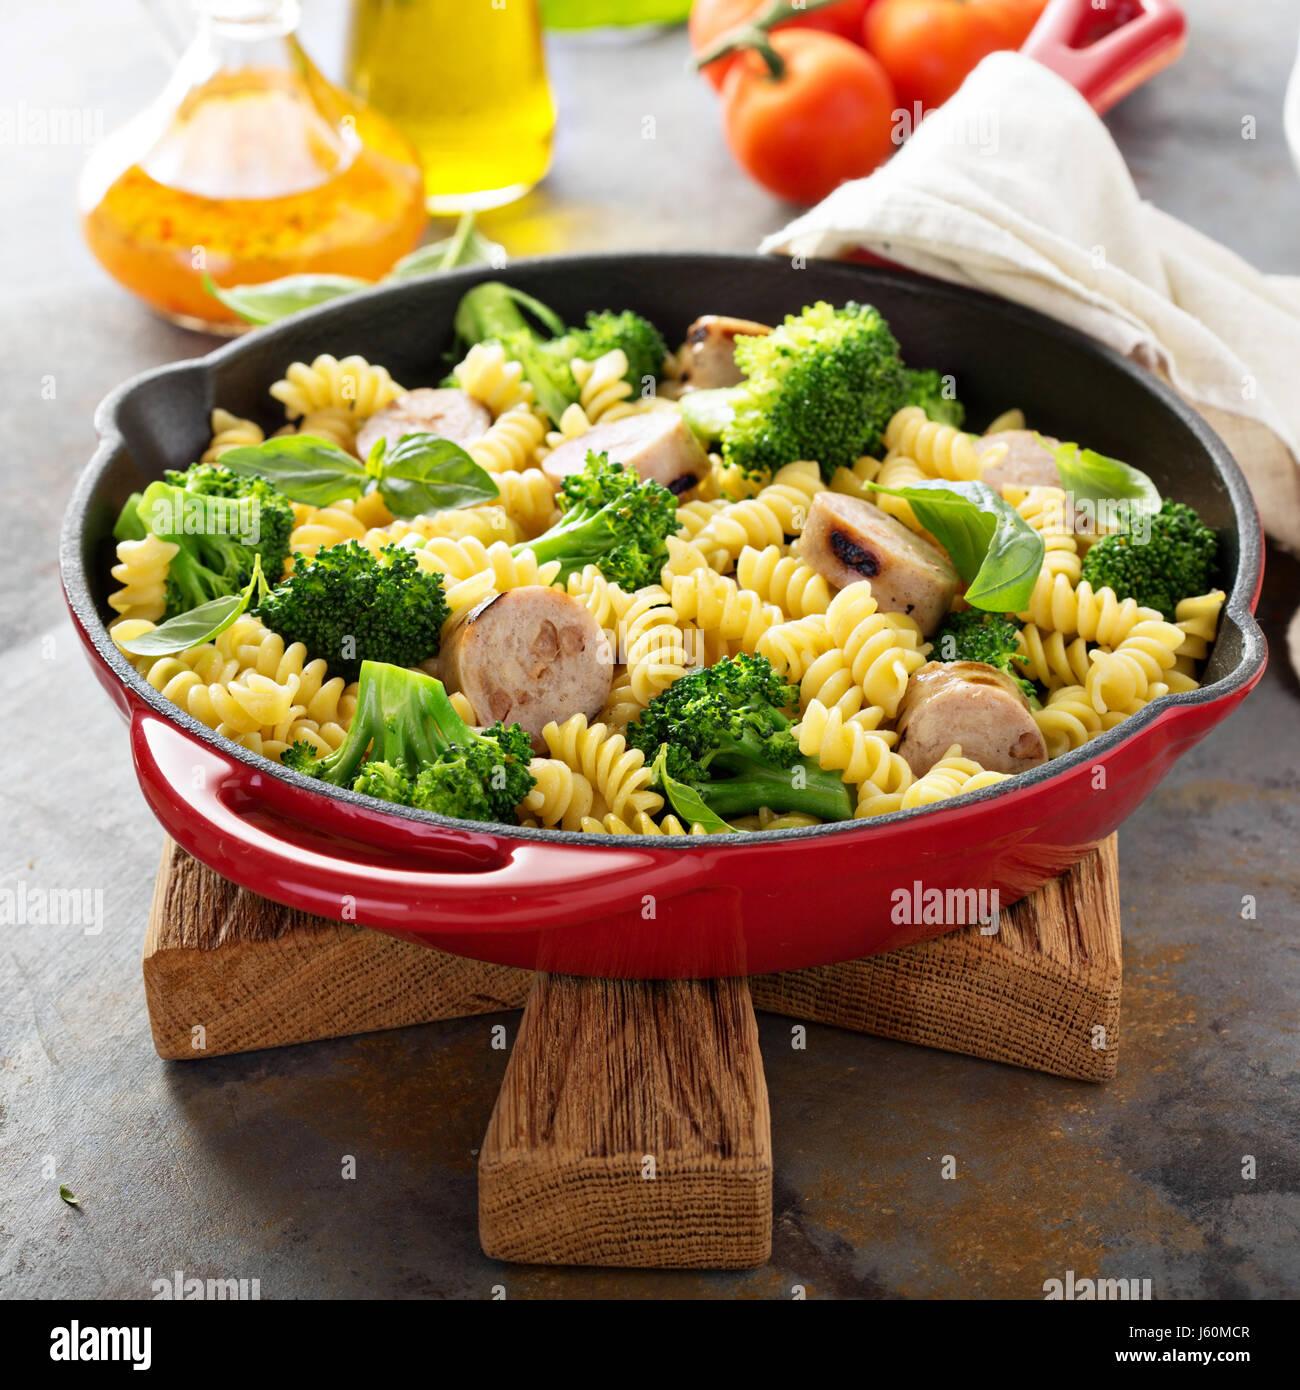 Faire cuire les pâtes avec de la saucisse et brocoli Photo Stock